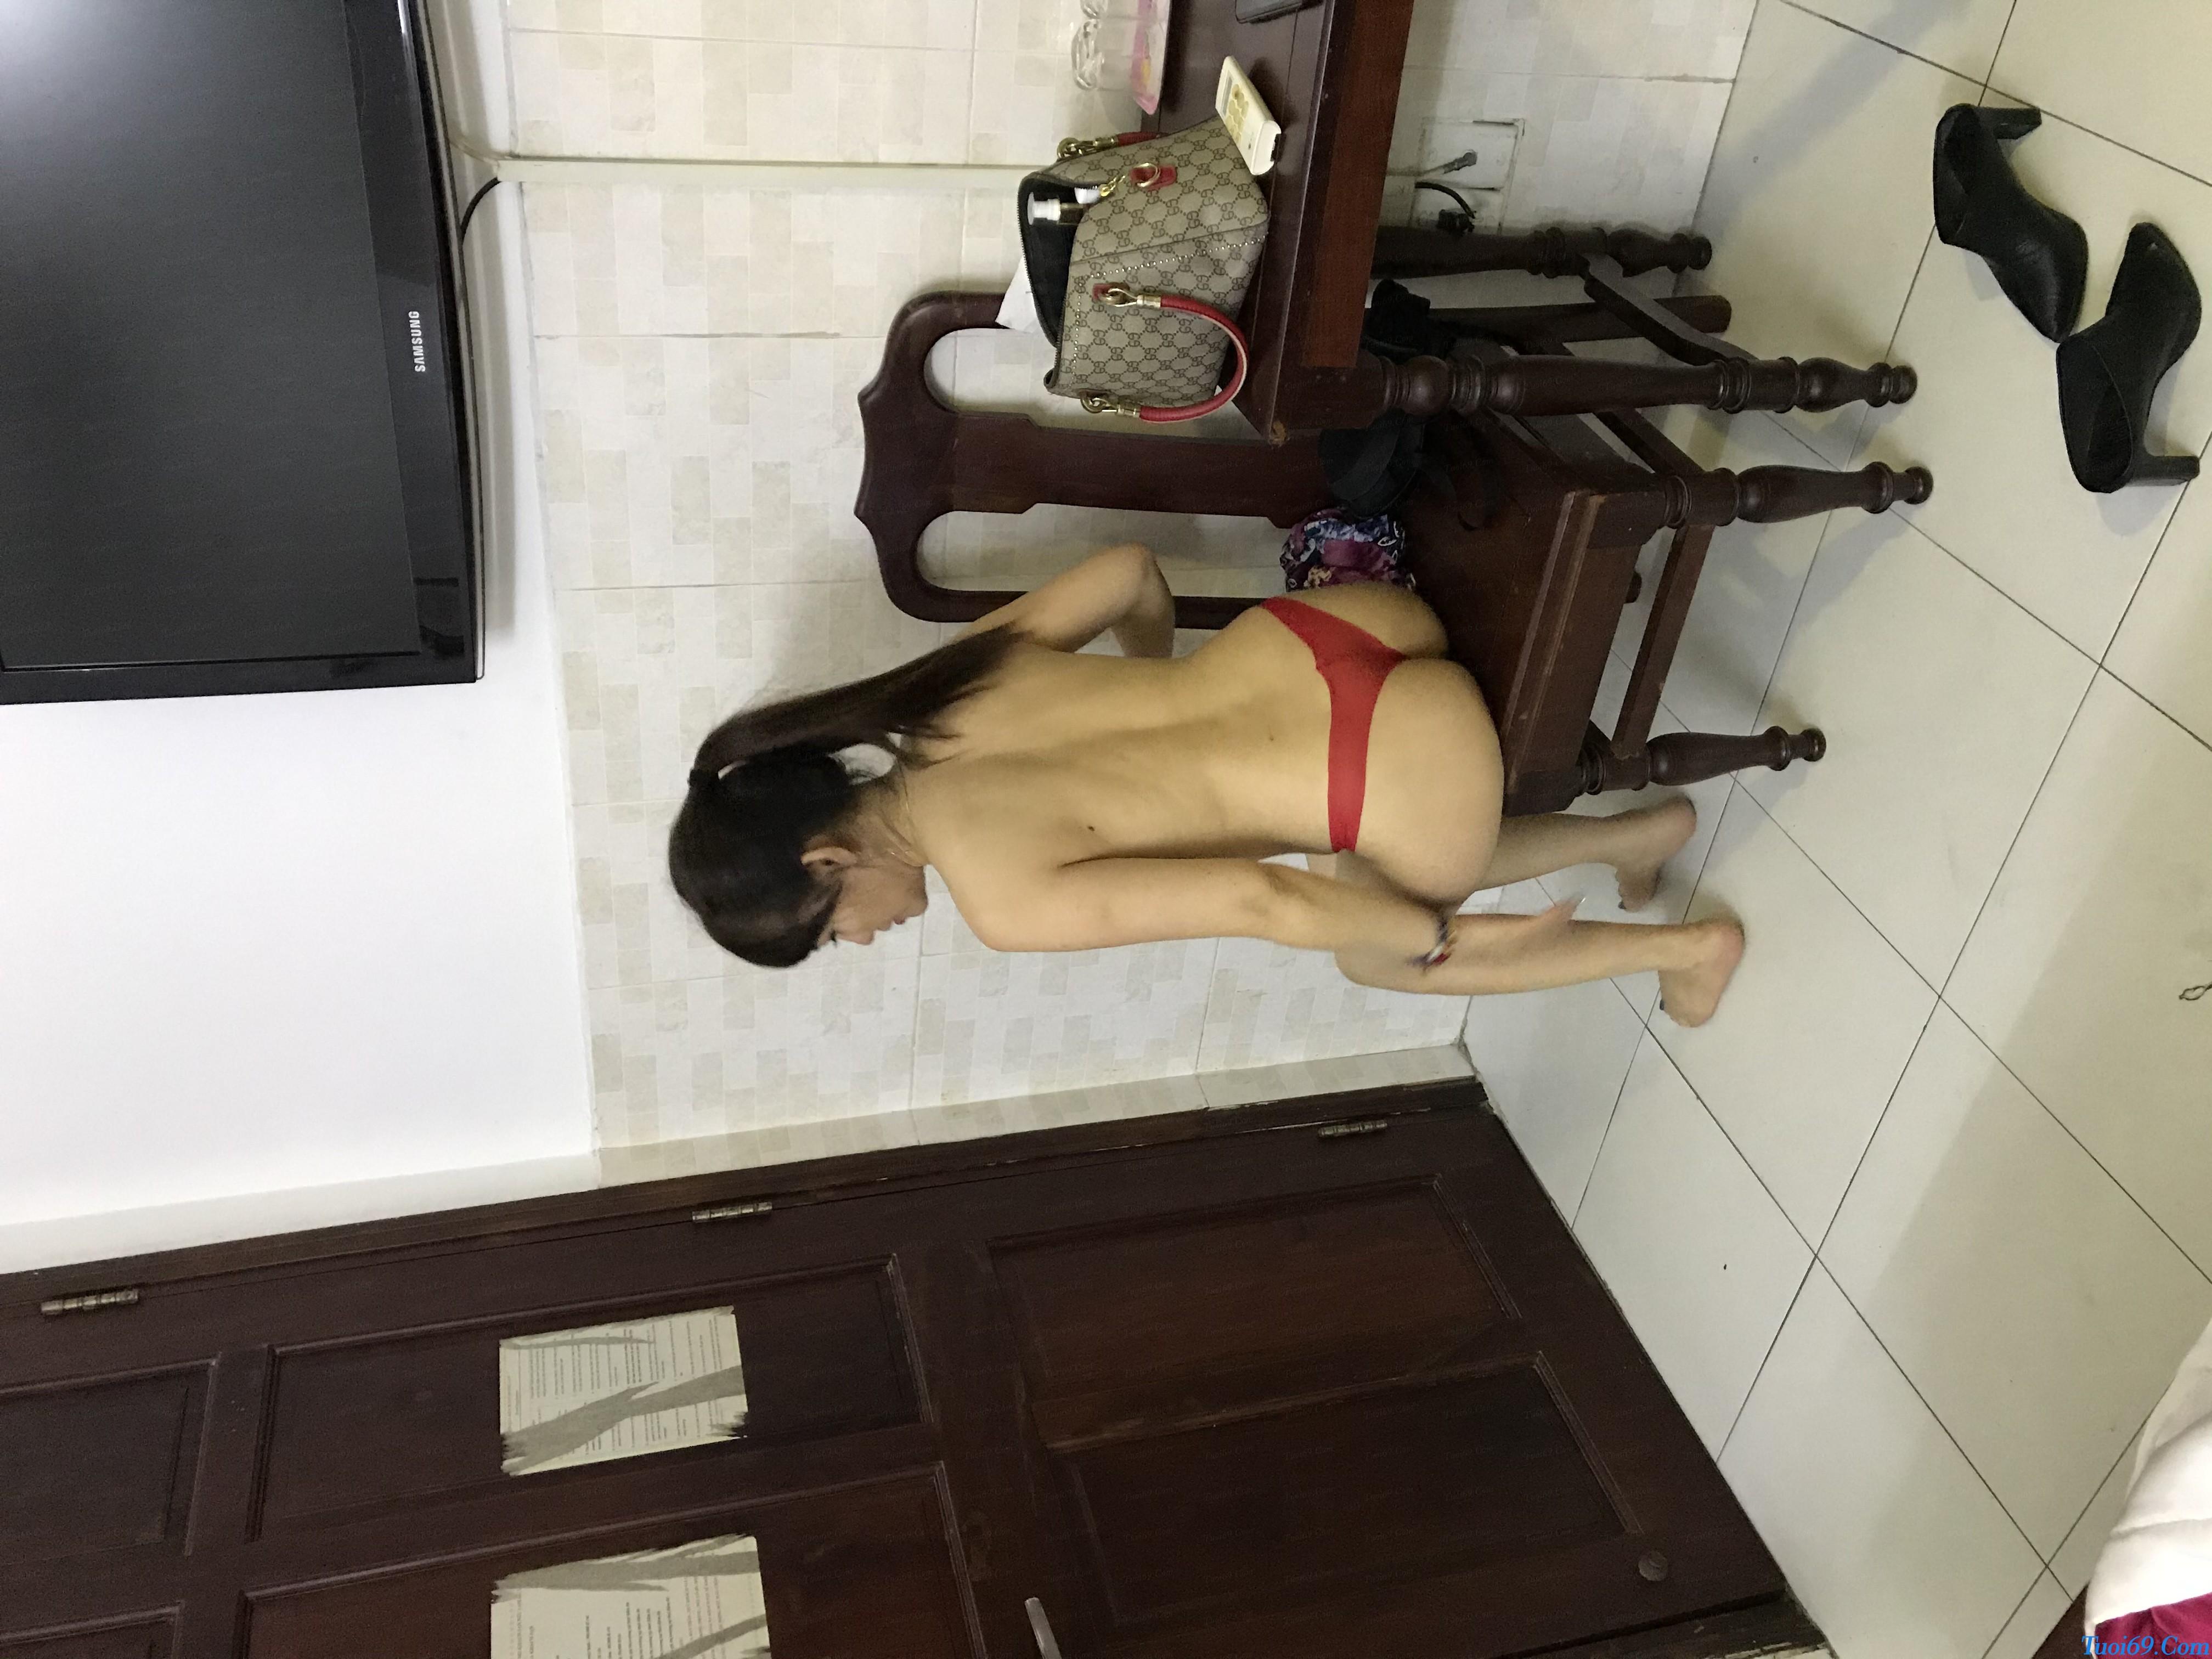 tuoi69net-review-em-gai-lan-huong-dam-nu-dang-yeu-chieu-khach-2